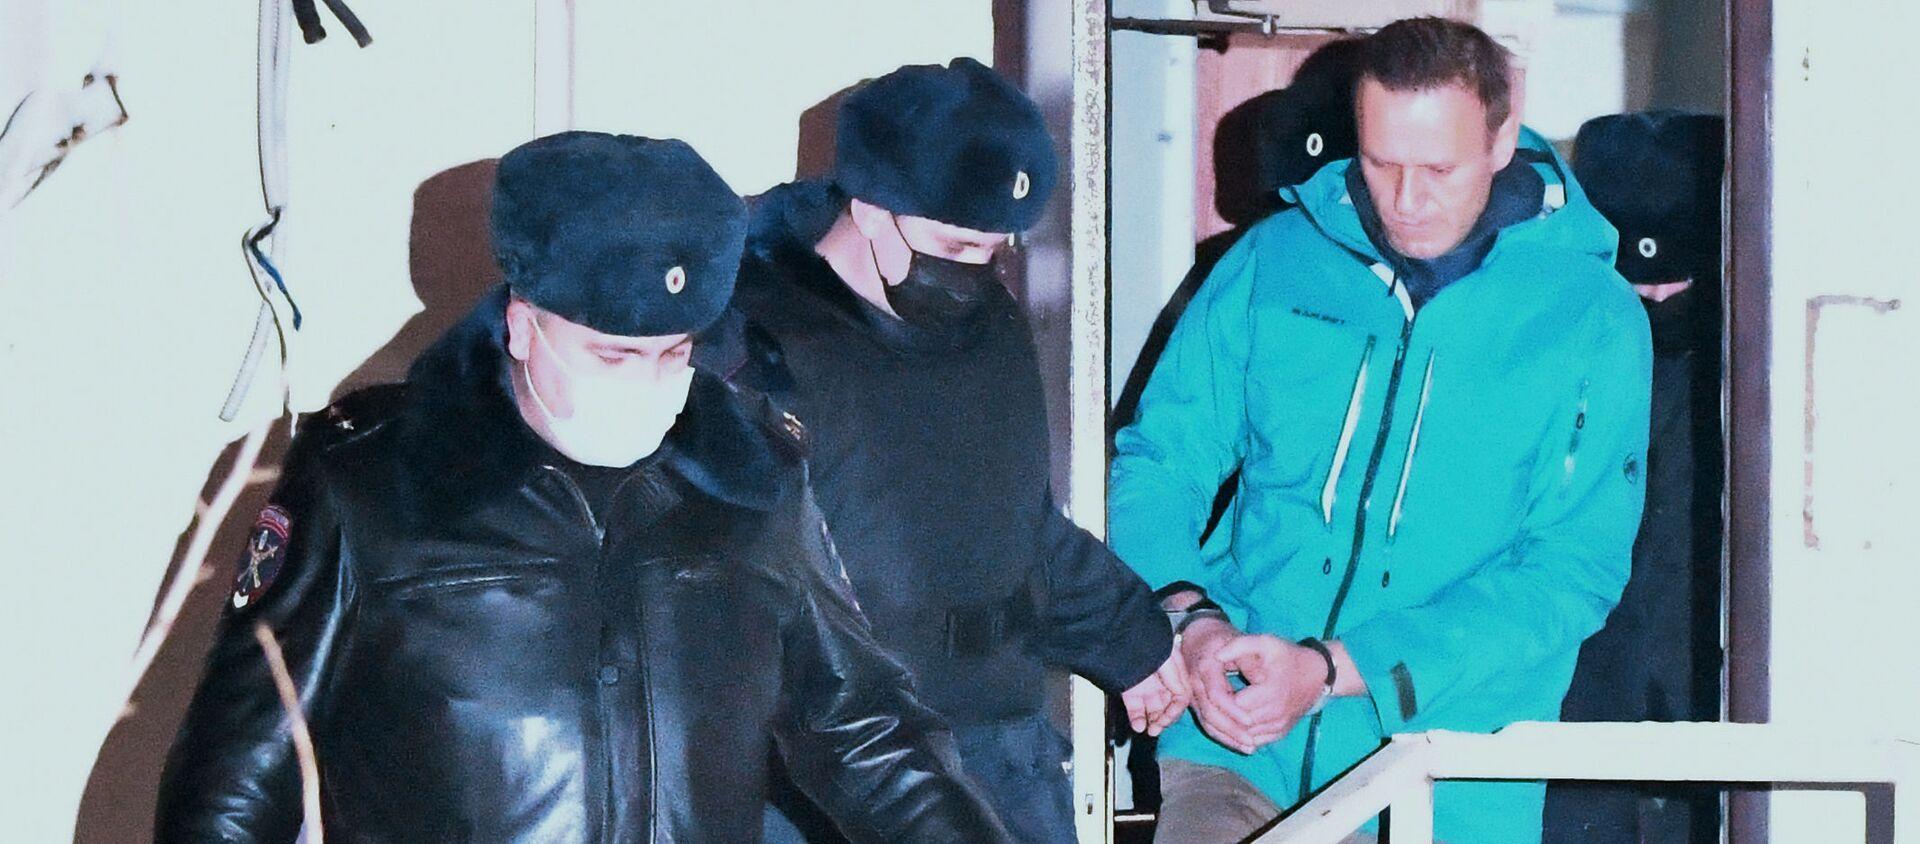 Сотрудники полиции выводят Алексея Навального из здания 2-го отдела полиции Управления МВД России по г. о. Химки - Sputnik Узбекистан, 1920, 23.01.2021